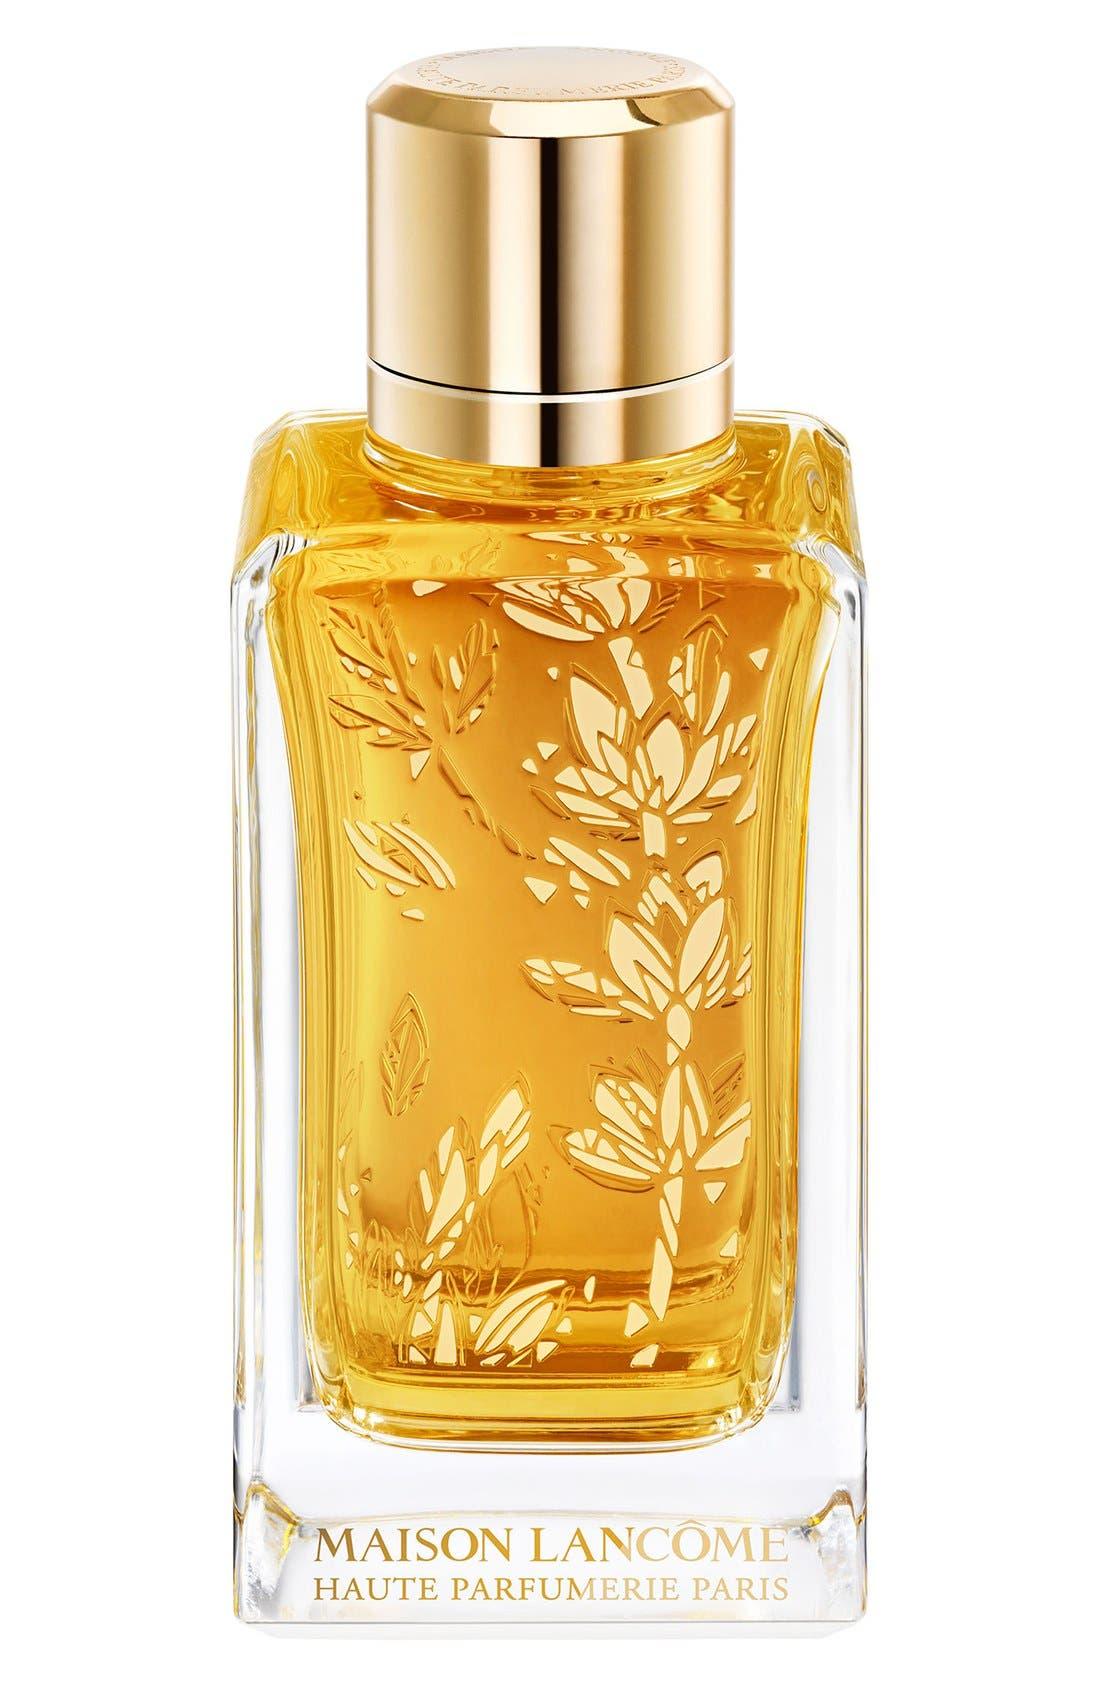 Maison Lancôme - Lavandes Trianon Eau de Parfum,                             Main thumbnail 1, color,                             NO COLOR